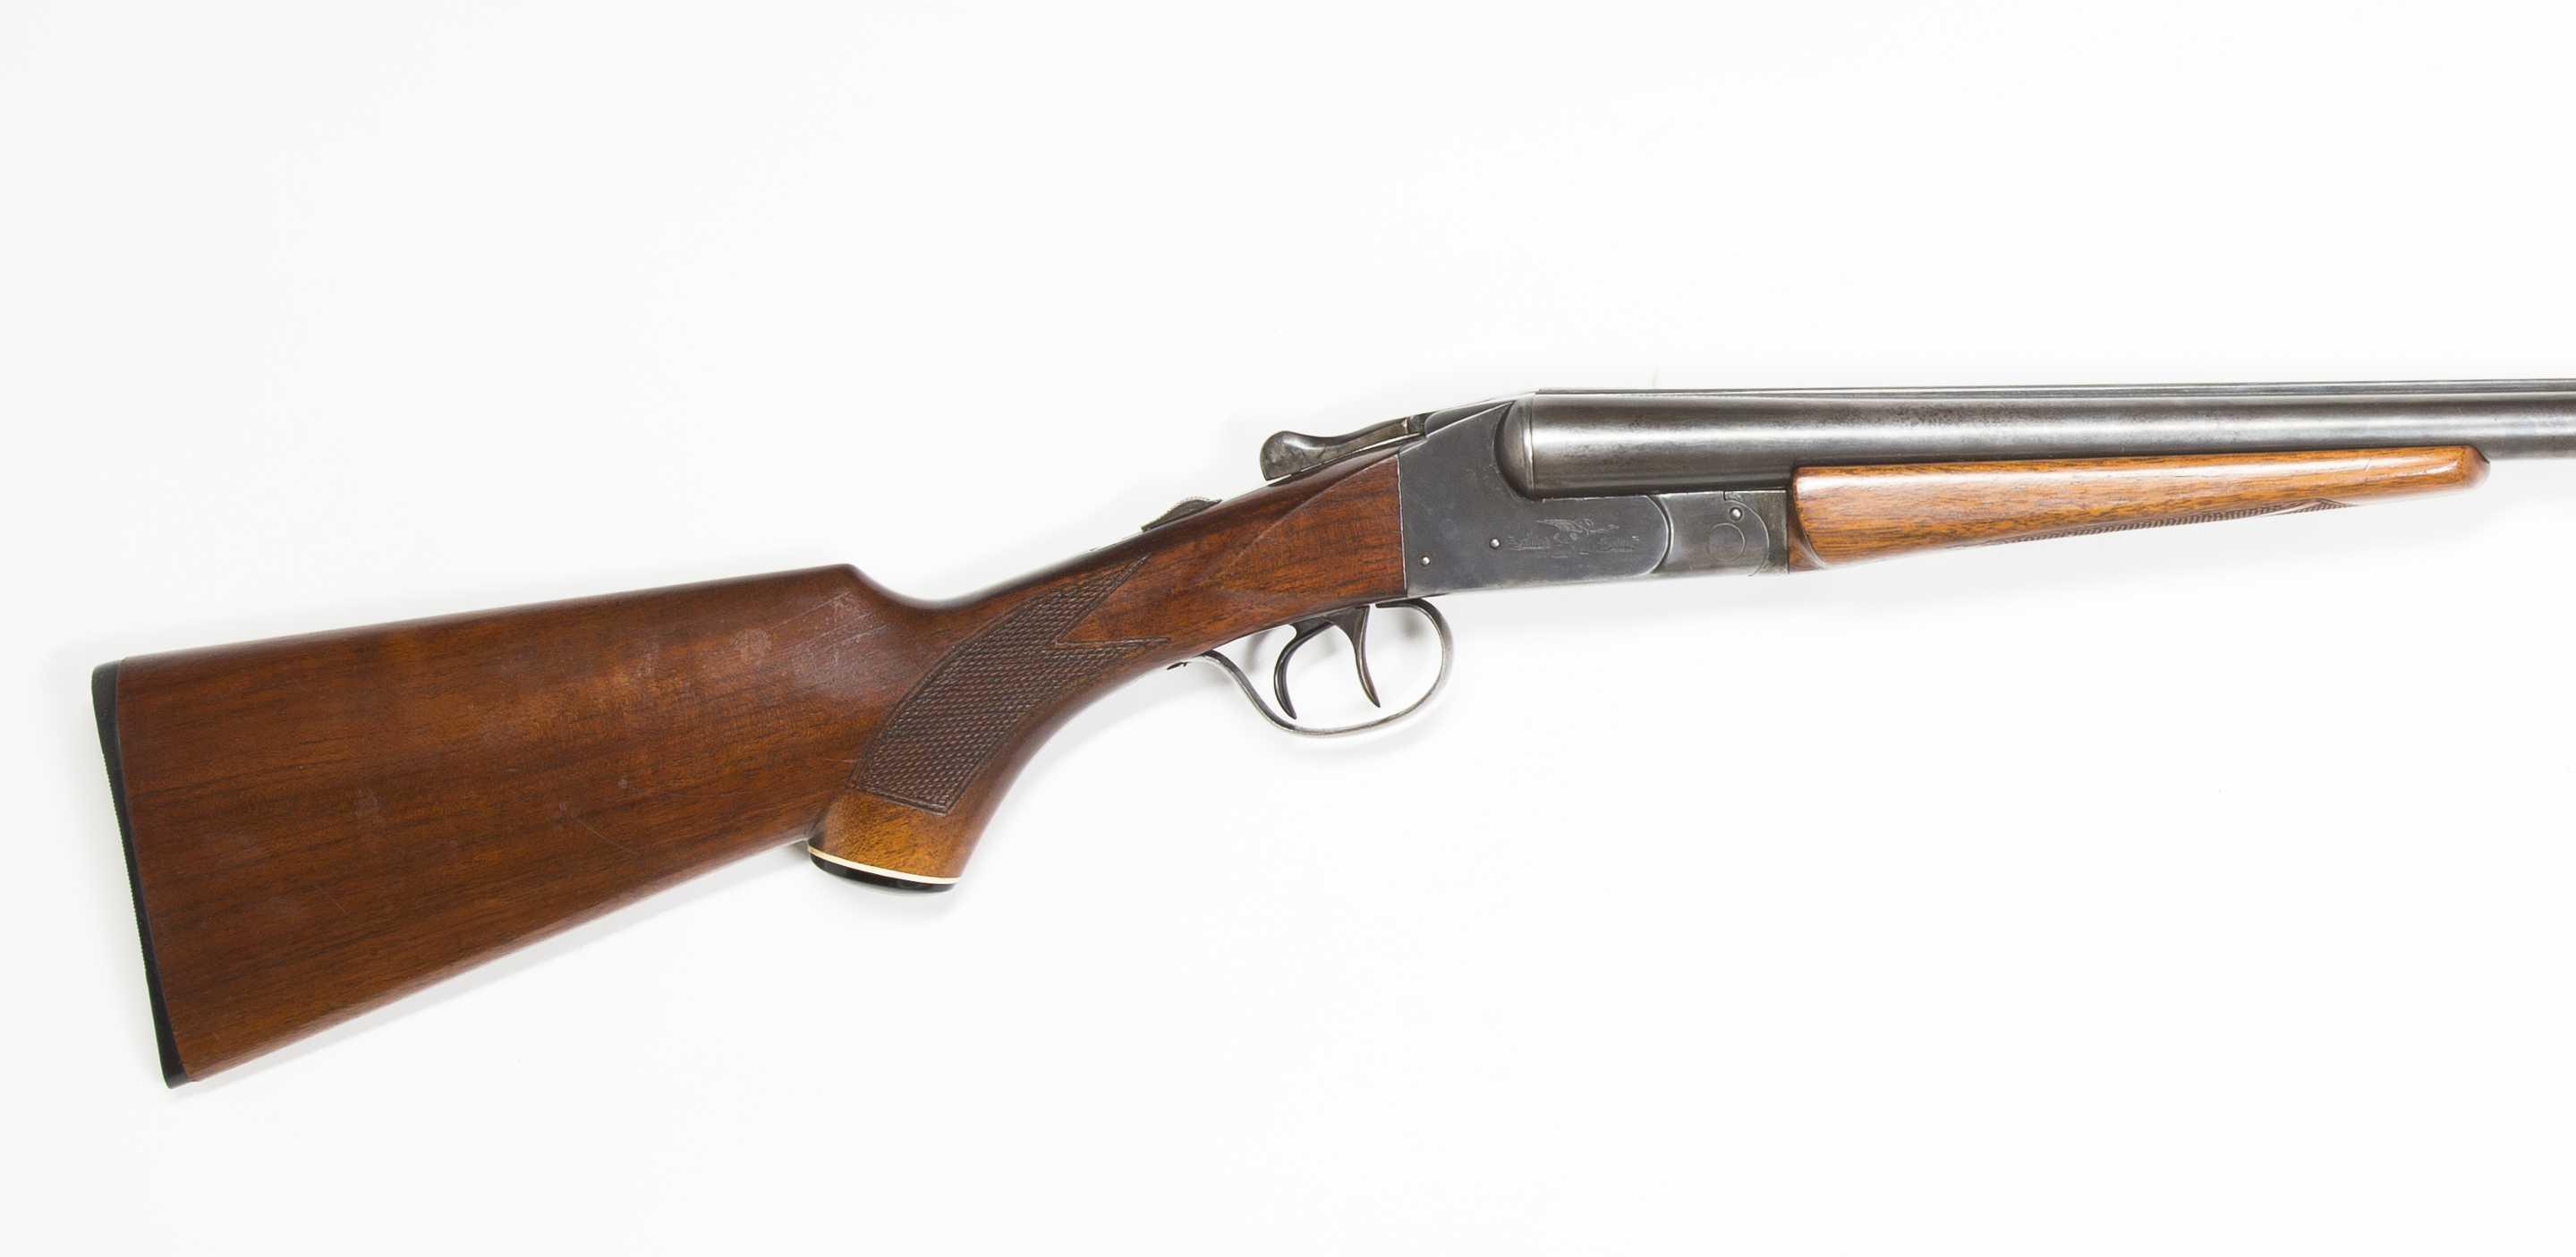 Lefever Nitro Special s#351651 Side by Side 16 Gauge Shotgun